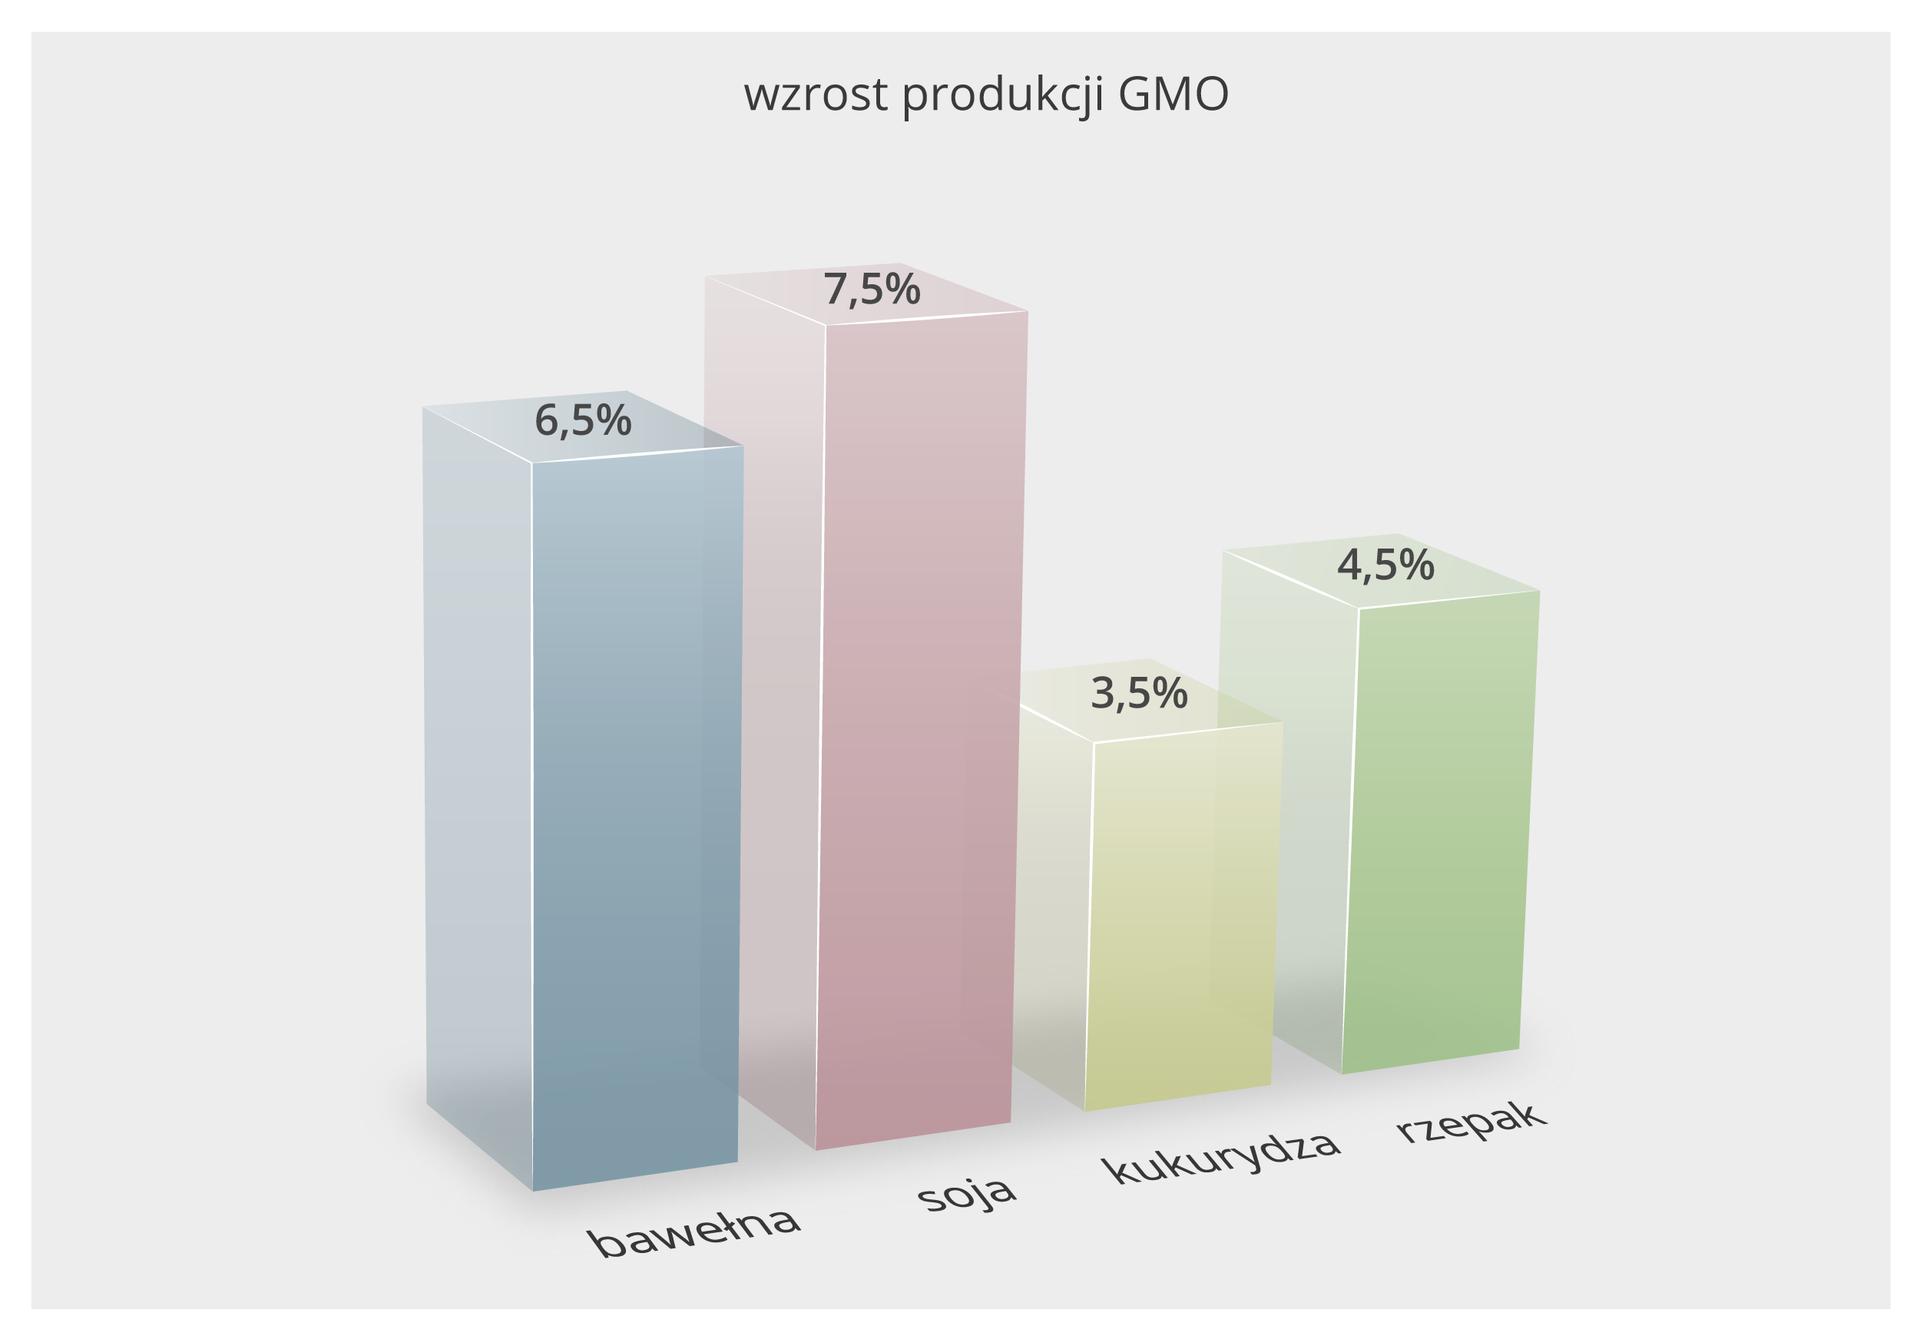 Ilustracja przestawia diagram słupkowy przestrzenny. Każdy słupek winnym kolorze symbolizuje procentowy wzrost produkcji różnych roślin modyfikowanych genetycznie w2012 roku. Najbardziej zwiększyły się uprawy soi, najmniej kukurydzy.